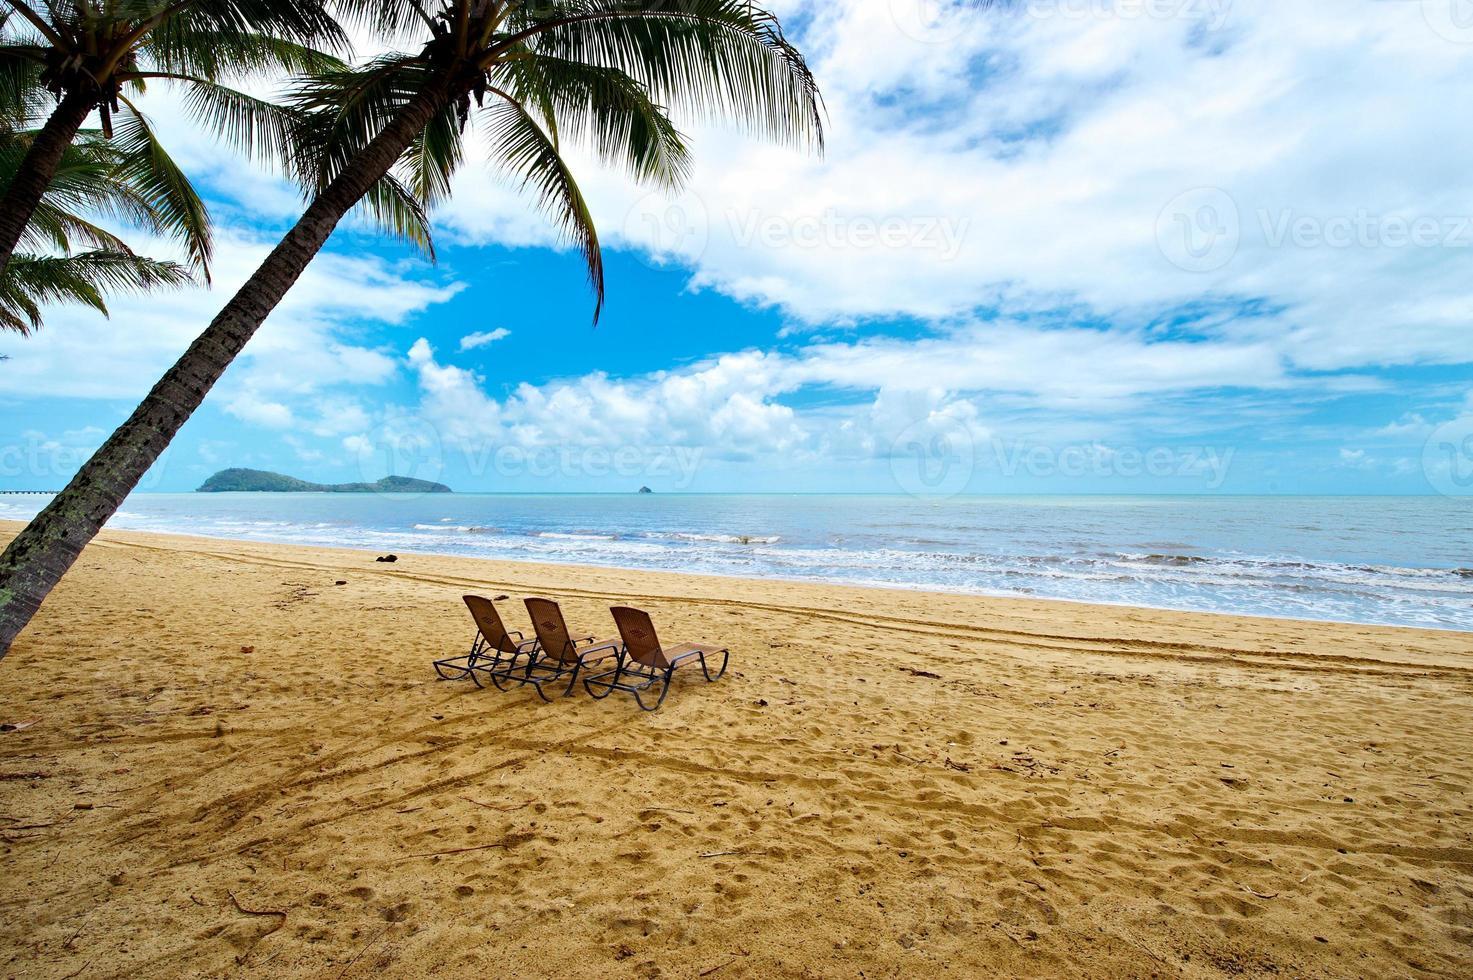 tres tumbonas en la playa foto